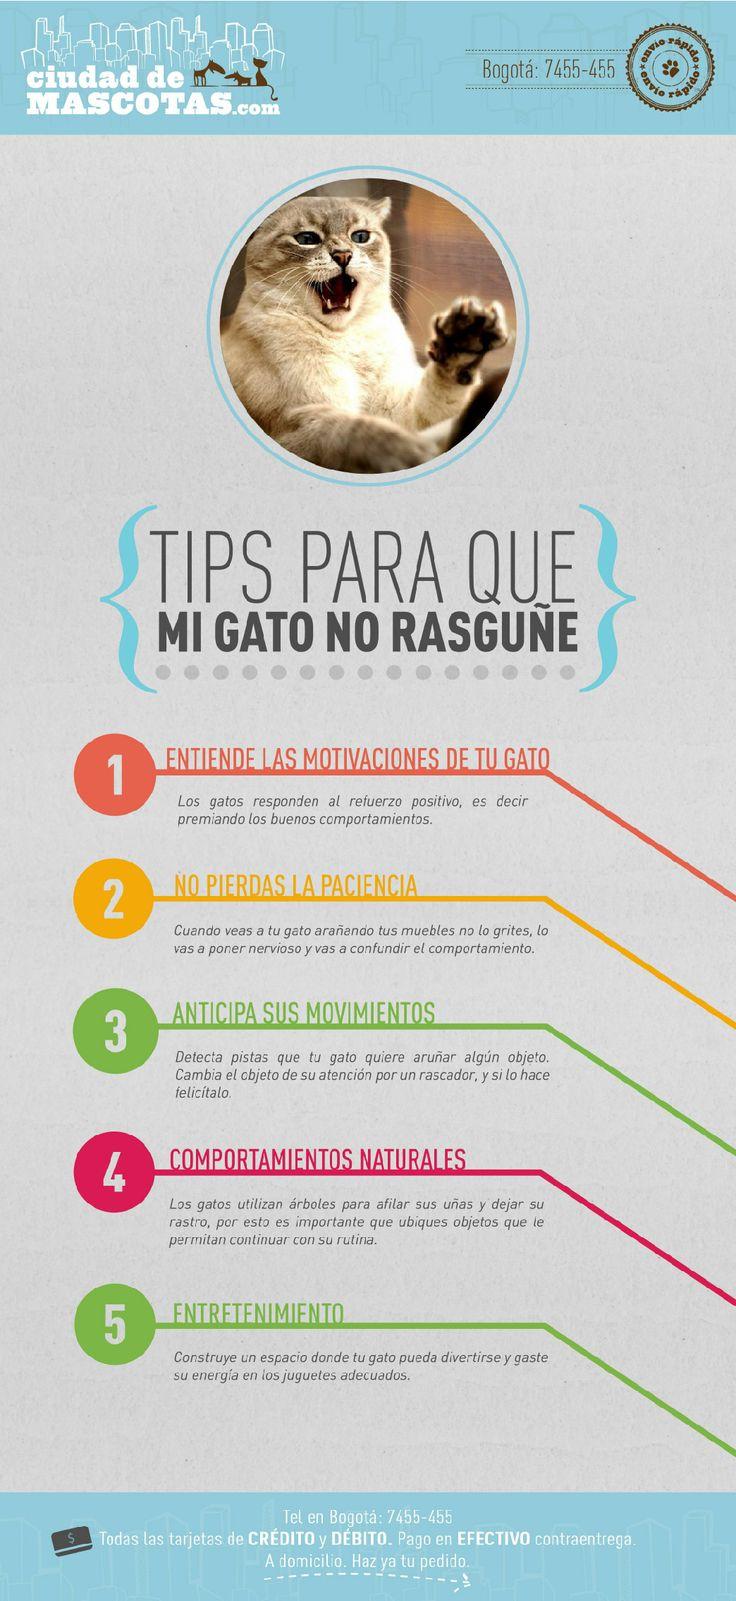 Tus gatos rasguñan porque necesitan marcar y dejar su rastro. Es muy importante que enriquezcas su entorno.